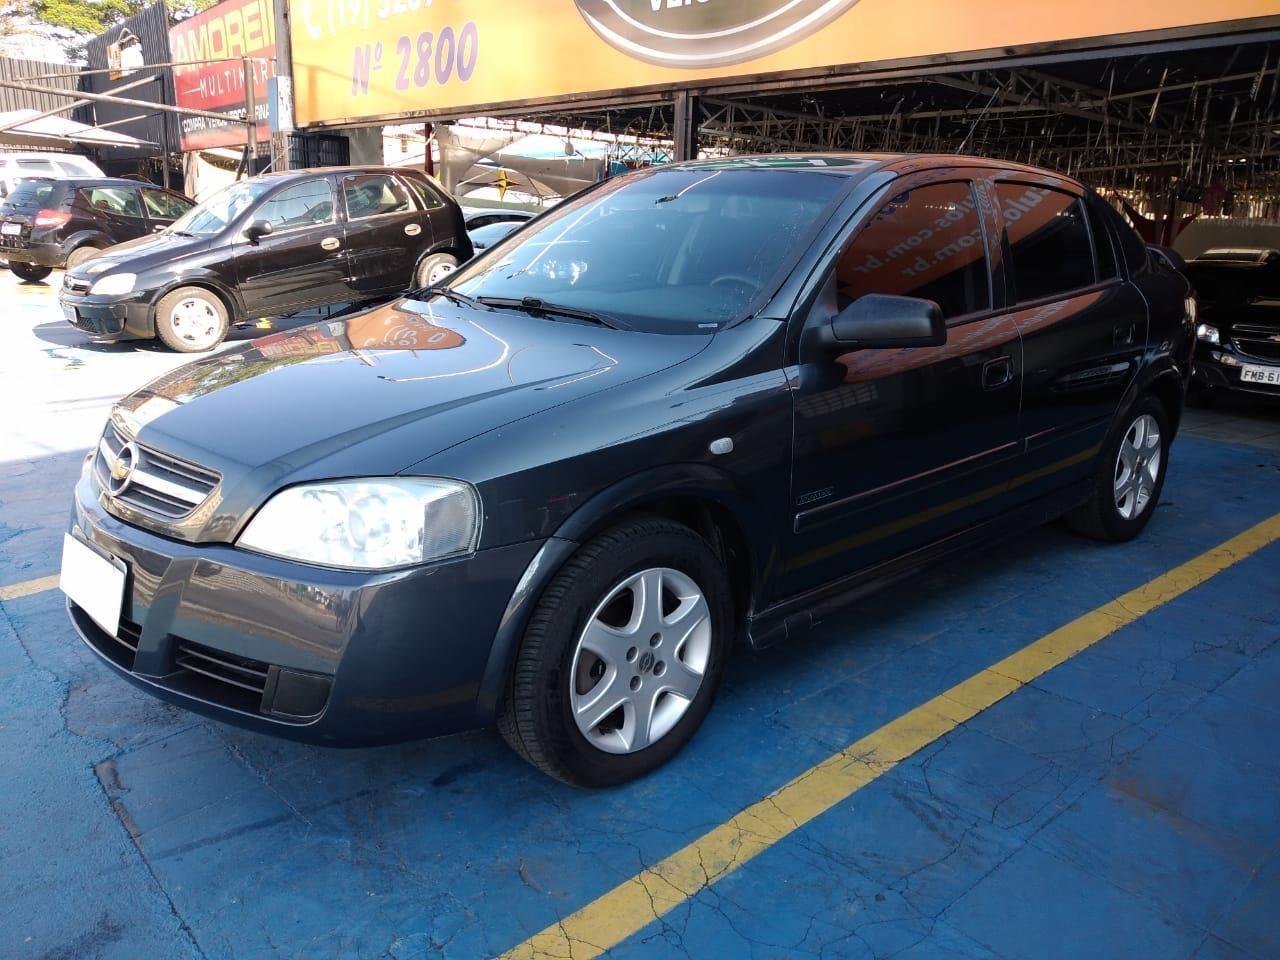 //www.autoline.com.br/carro/chevrolet/astra-20-hatch-advantage-8v-flex-4p-manual/2008/campinas-sp/15103521